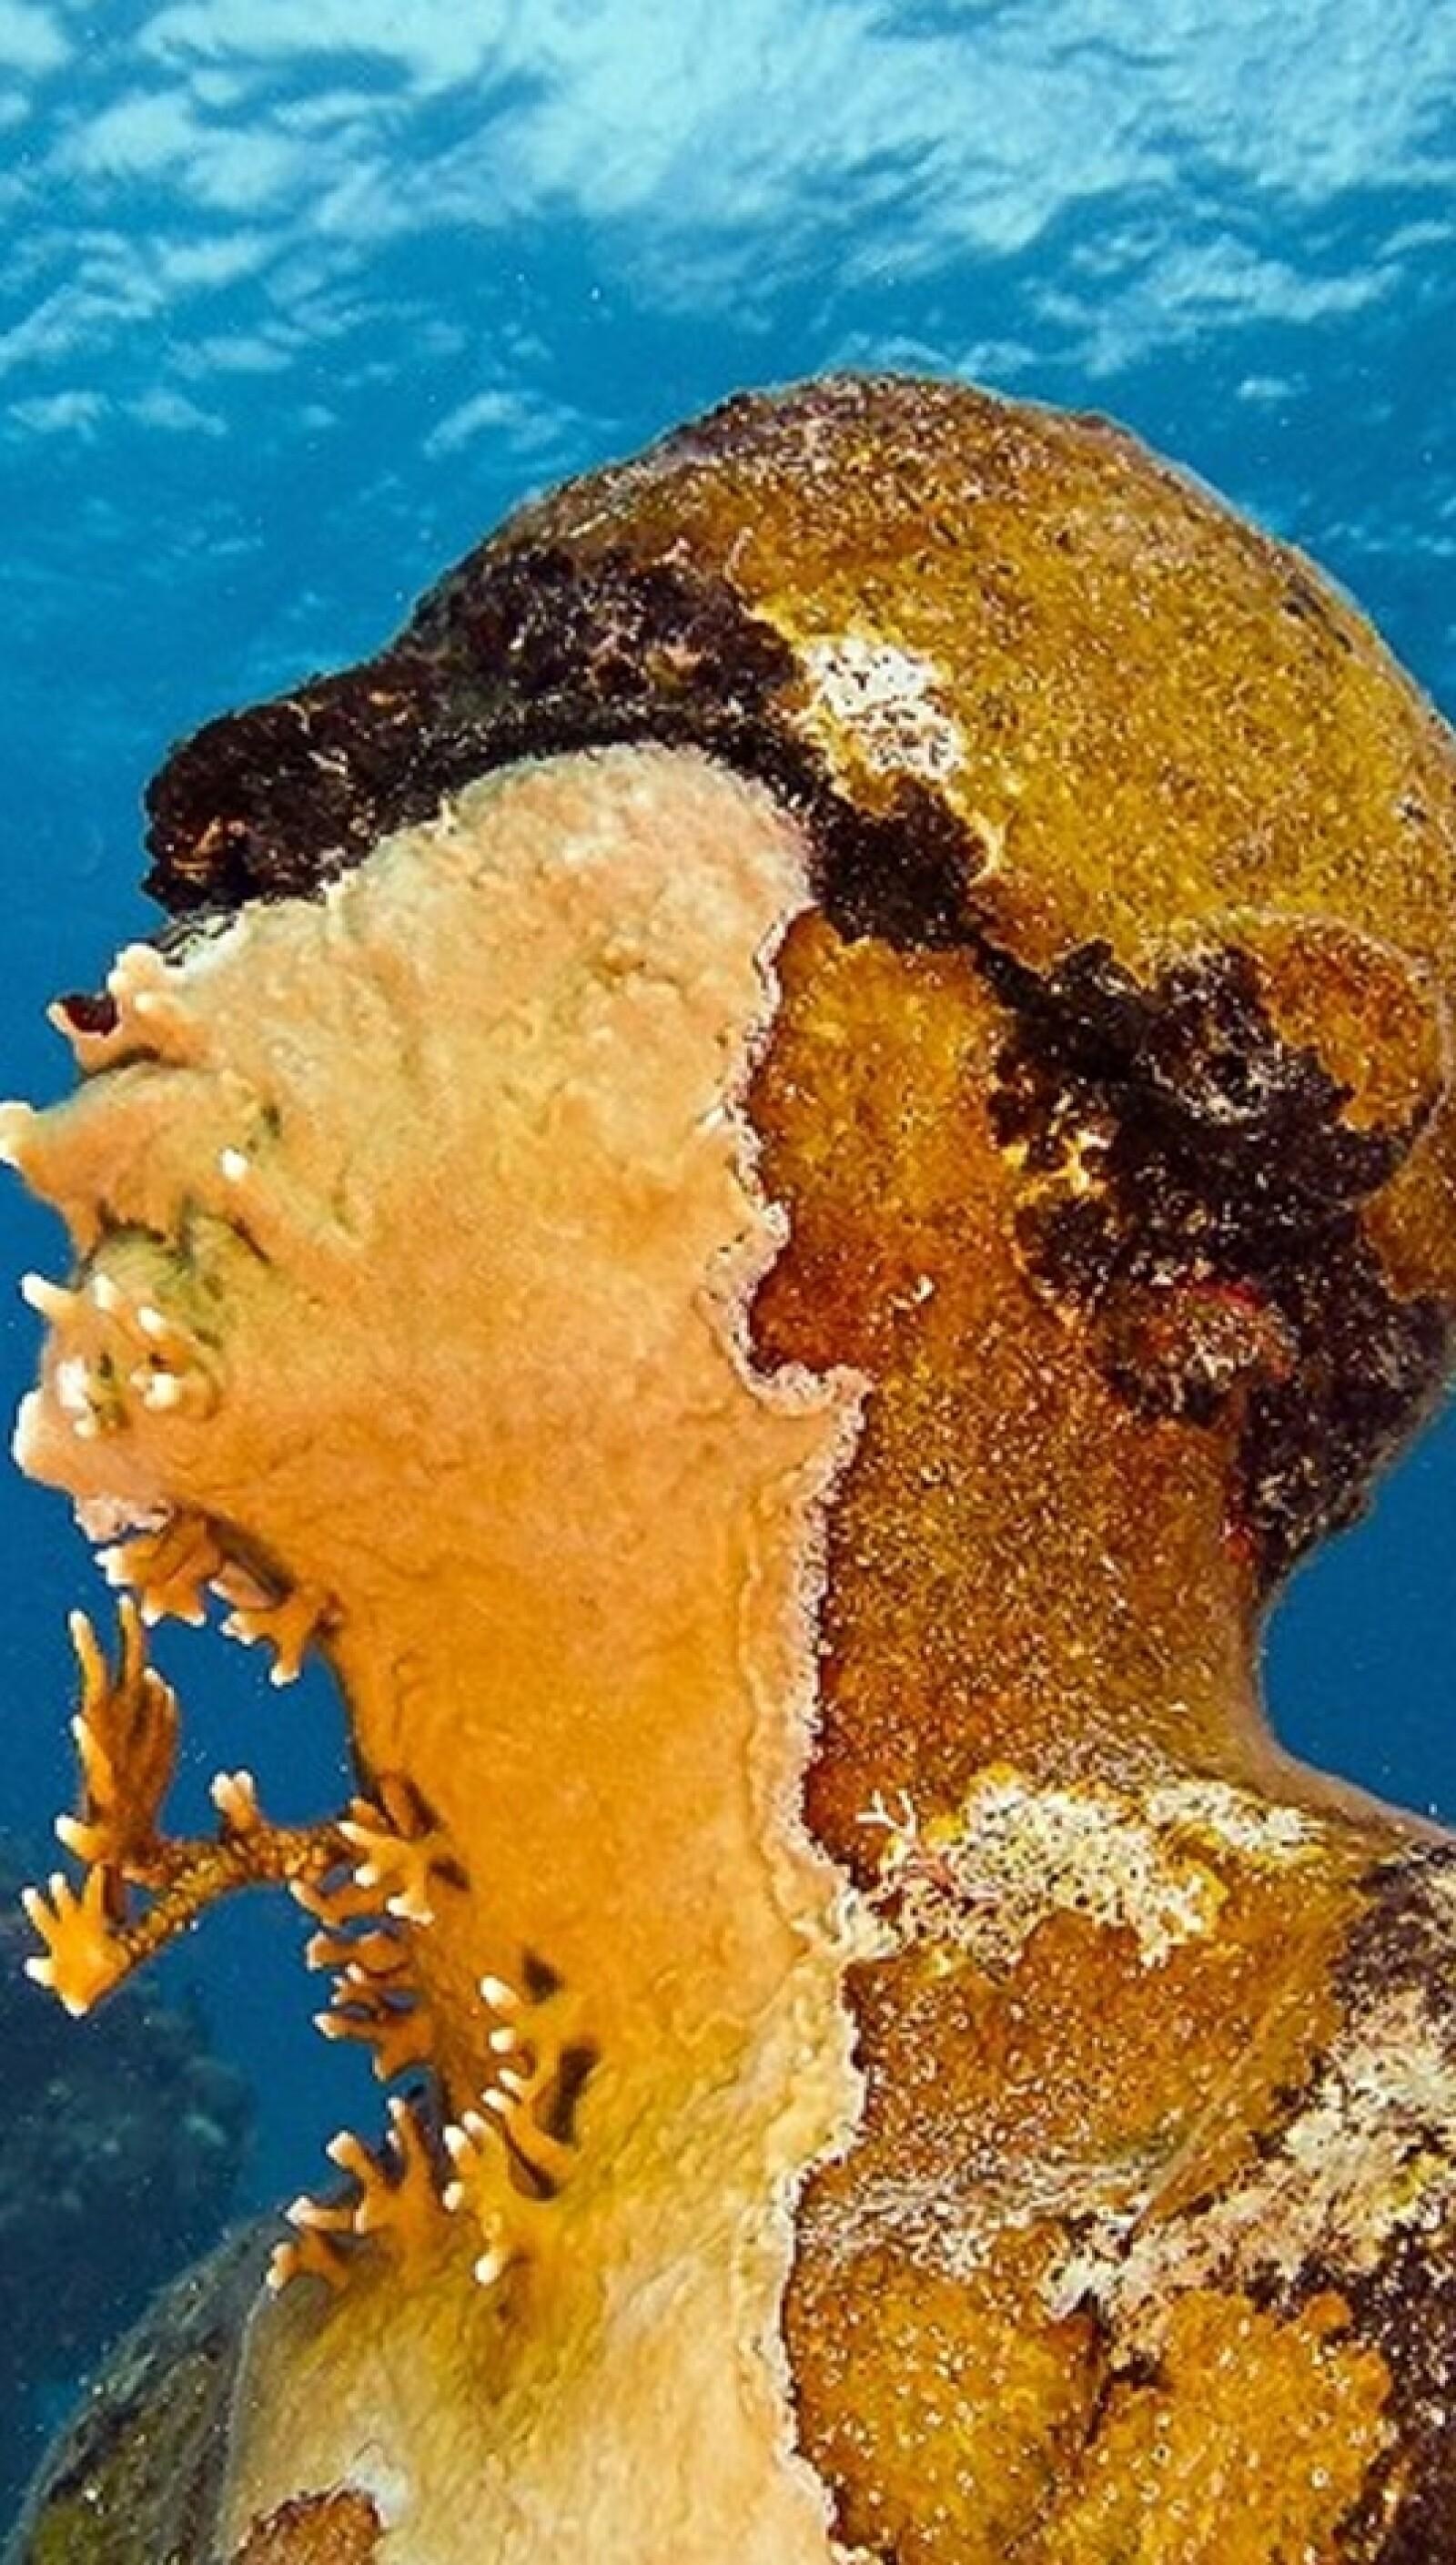 El escultor no está preocupado con la perspectiva de que los corales cubran eventualmente sus creaciones al punto de que la forma original ya no sea reconocible